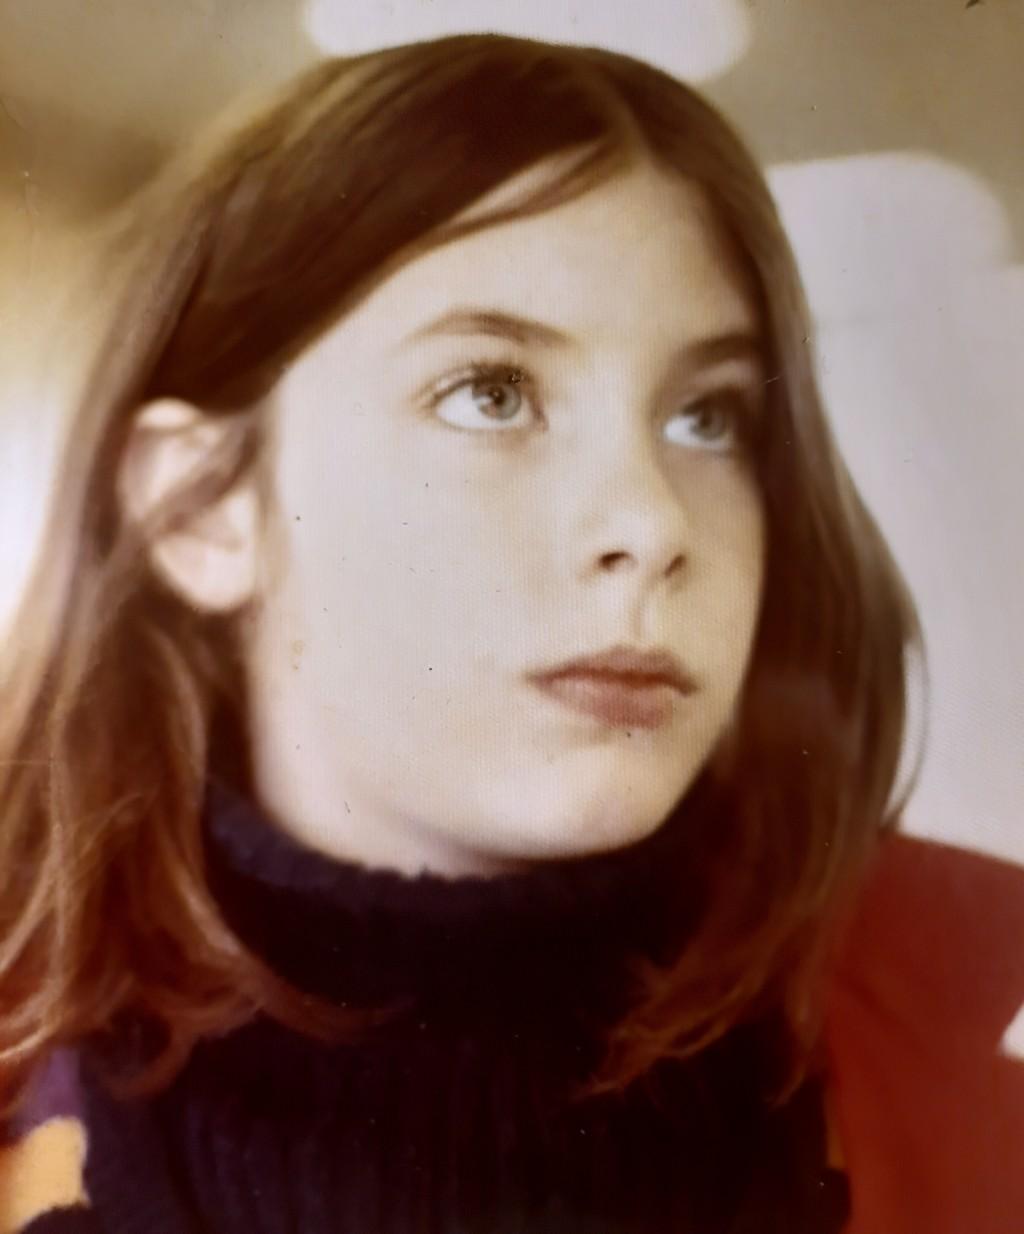 This photo provided by Tara Reade, shows Tara Reade in Wisconsin in 1971. (Tara Reade via AP)